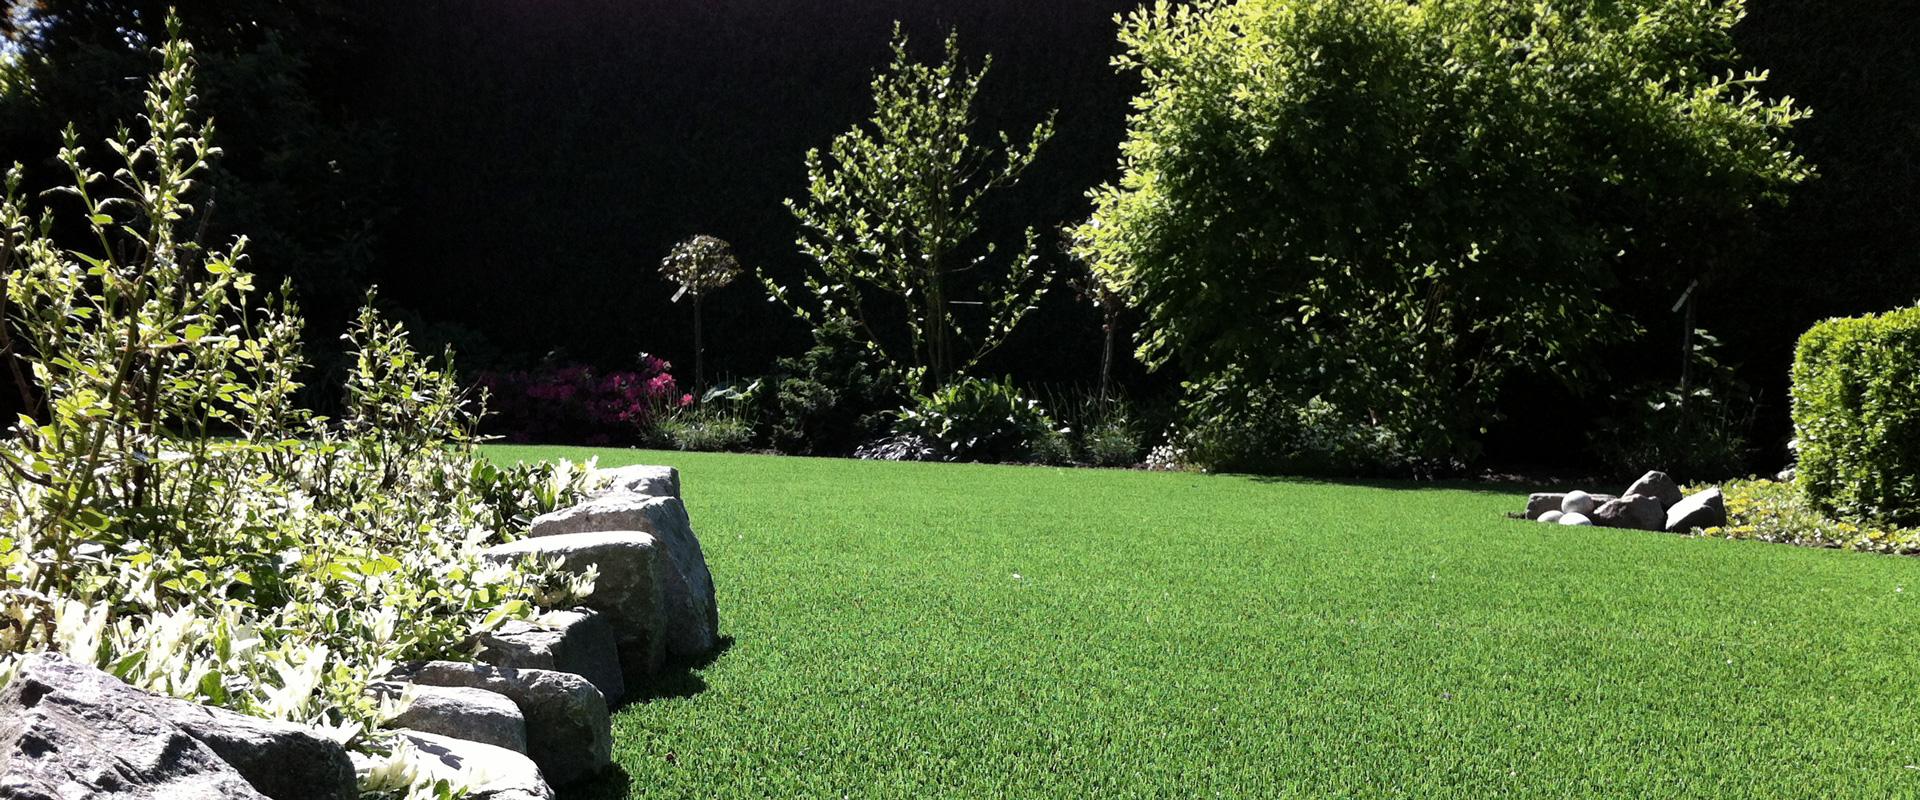 Kunstgras landscaping